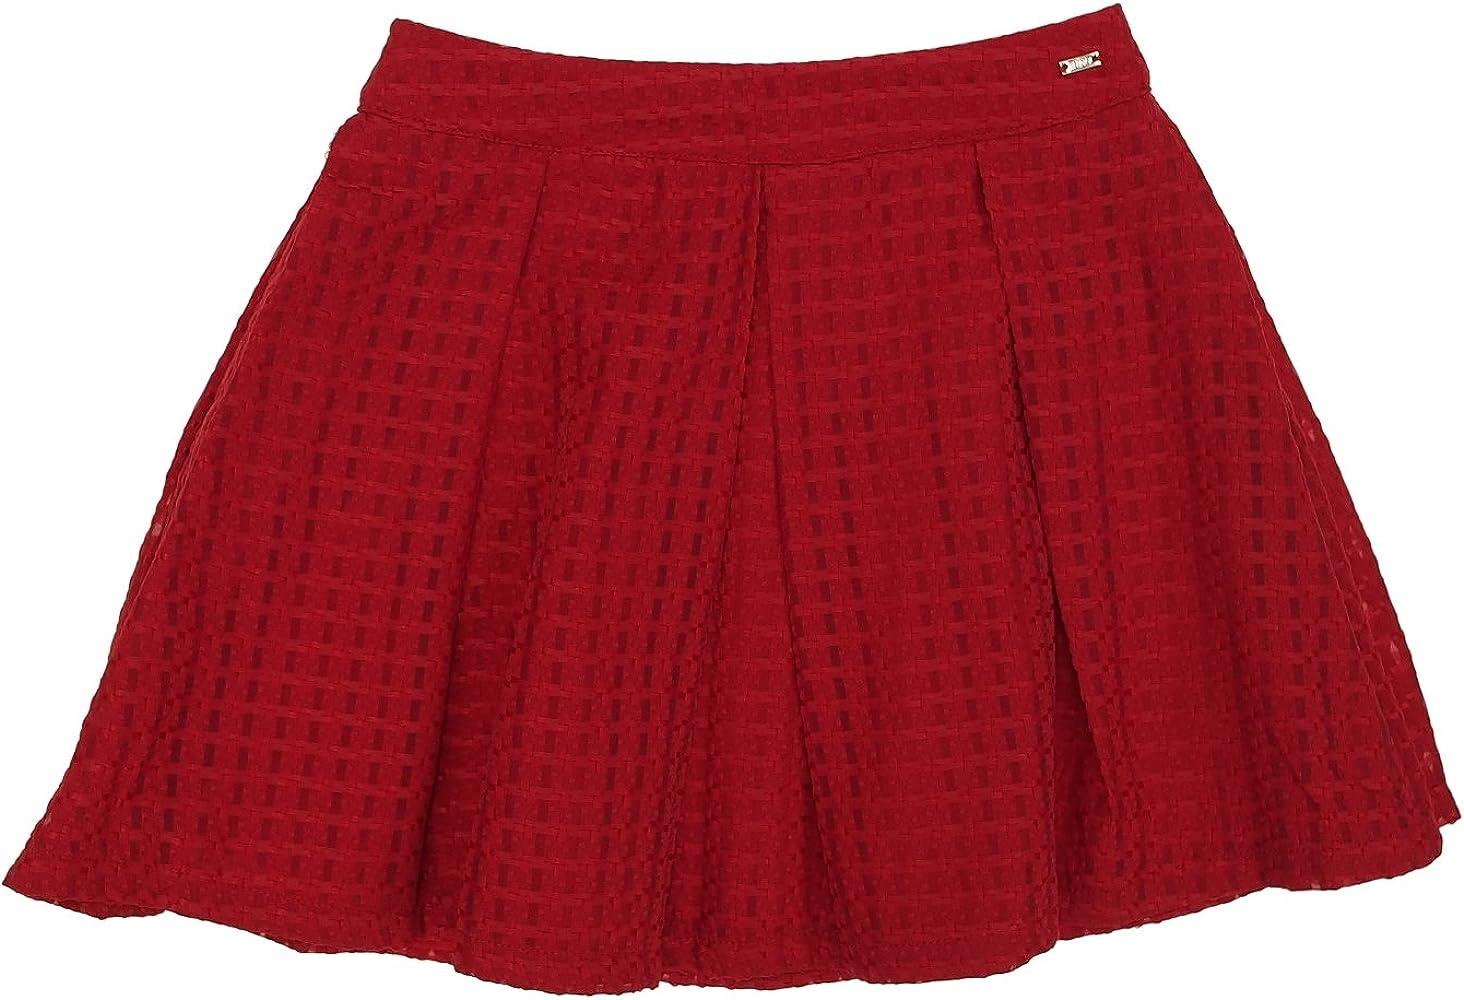 Mayoral 28-06904-036 - Falda para niña 14 años Rojo: Amazon.es ...